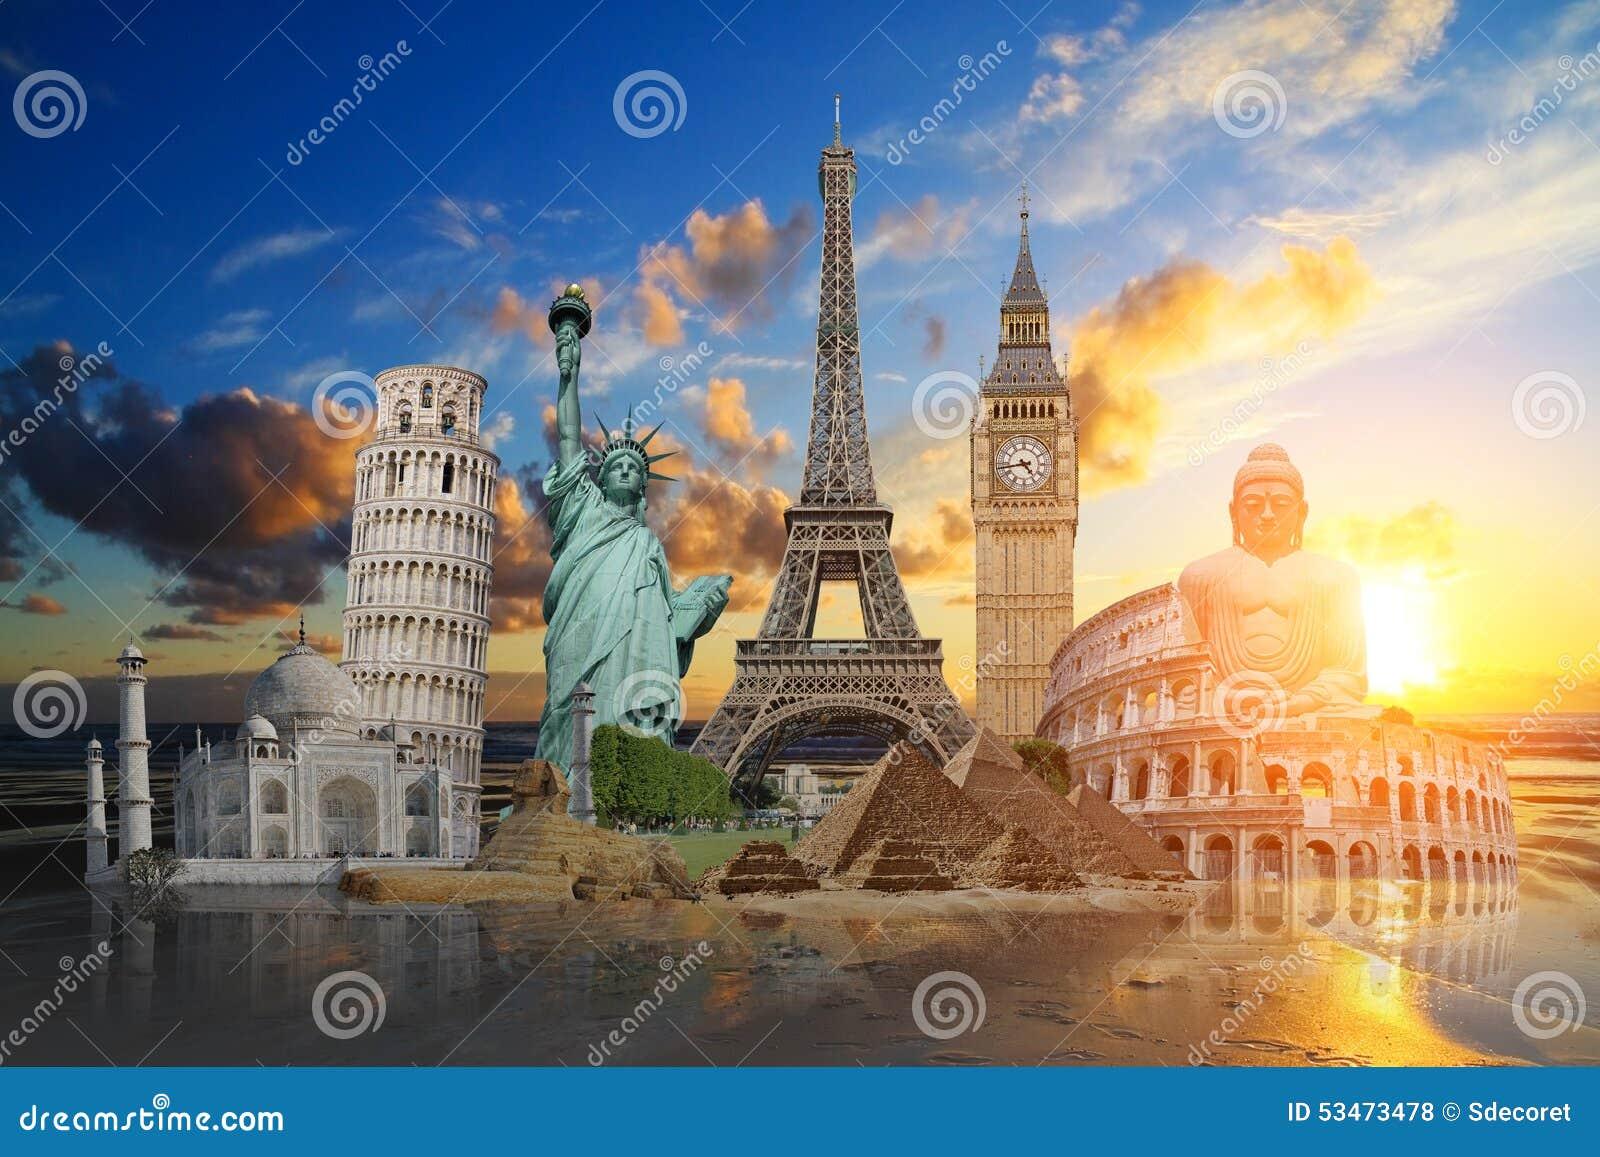 Monumenten van de wereld stock foto afbeelding bestaande uit londen 53473478 - Vloerlamp van de wereld ...